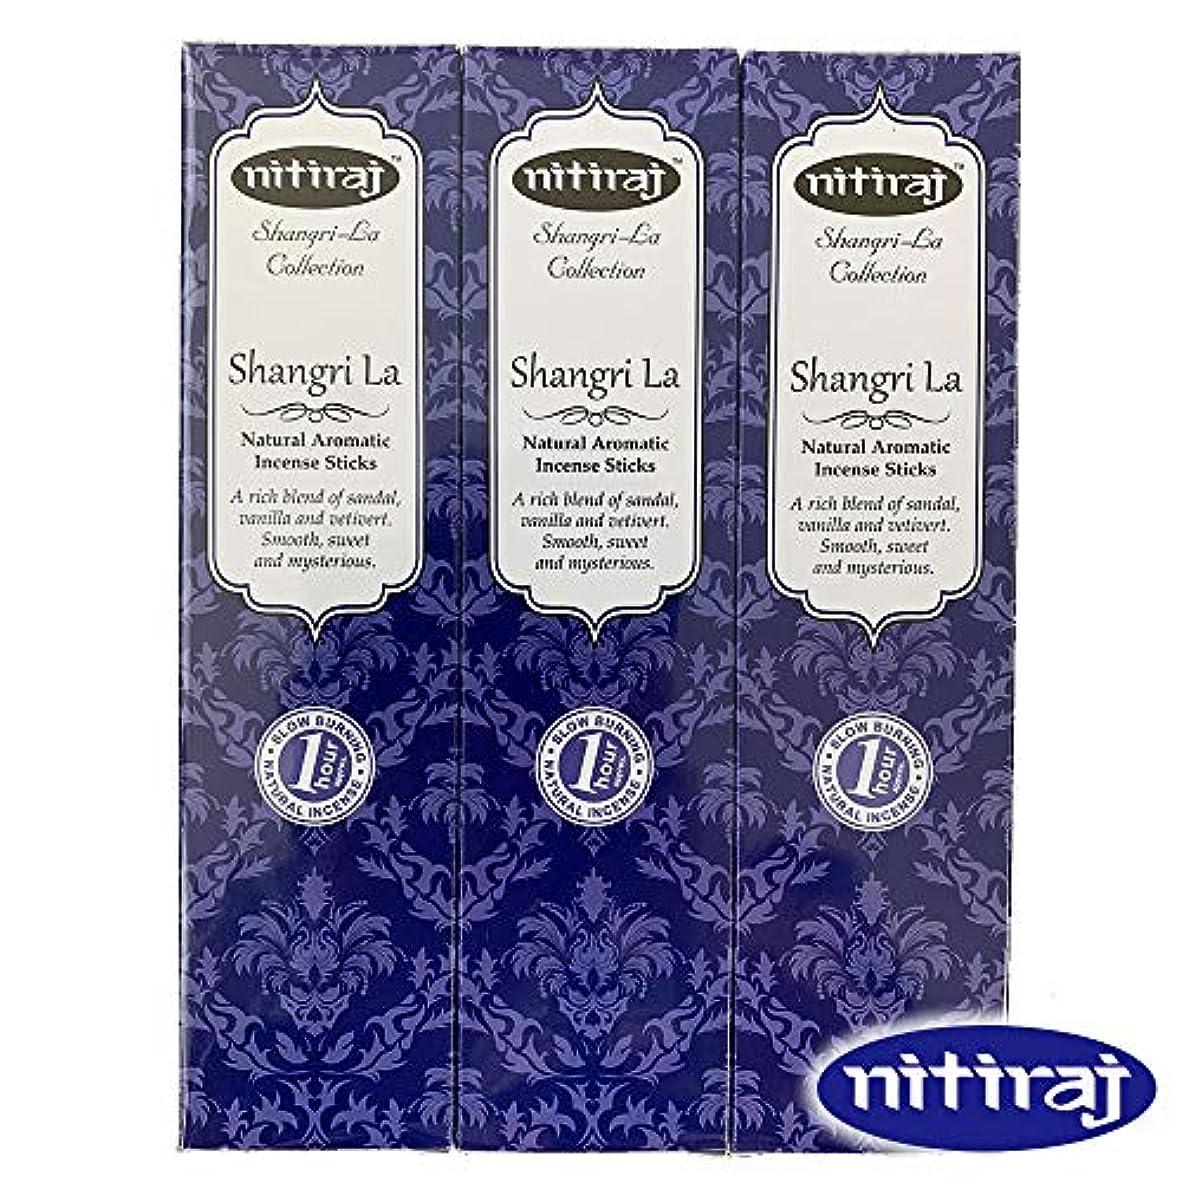 労働者ストレージレギュラーお香 アロマインセンス Nitiraj(ニティラジ)一番人気の香り シャングリ?ラ 3箱セット(30本/1箱10本入り)100%天然素材